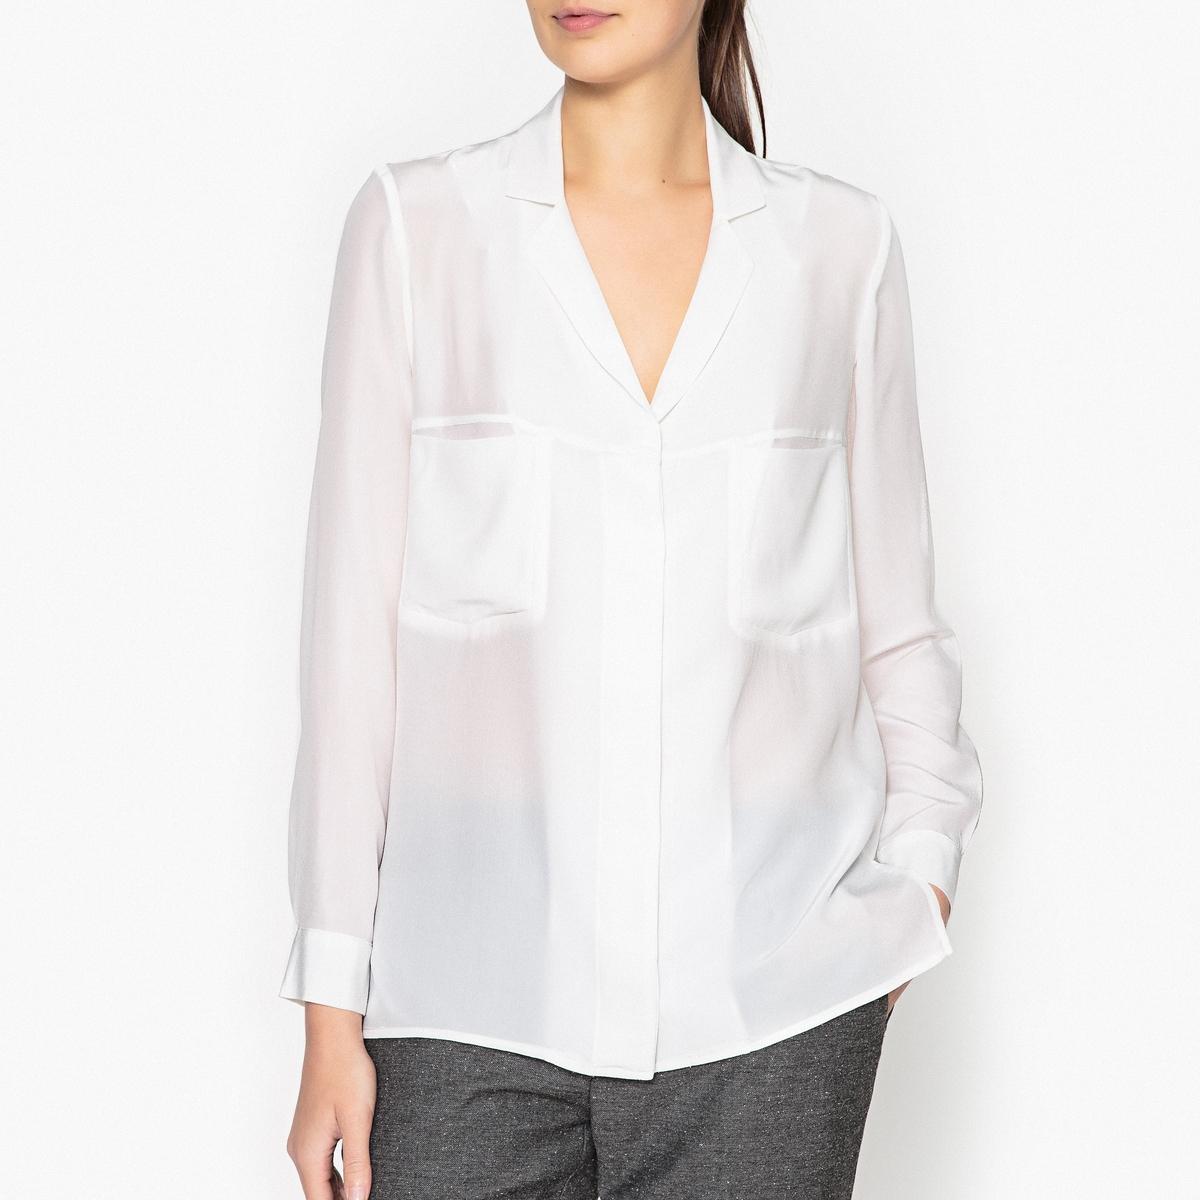 Рубашка GASPARDОписание:Рубашка с длинными рукавами MARGAUX LONNBERG - модель GASPARD из 100% шелка с нагрудными карманами.Детали •  Длинные рукава •  Прямой покрой •   V-образный вырезСостав и уход •  100% шелк •  Следуйте советам по уходу, указанным на этикетке<br><br>Цвет: белый